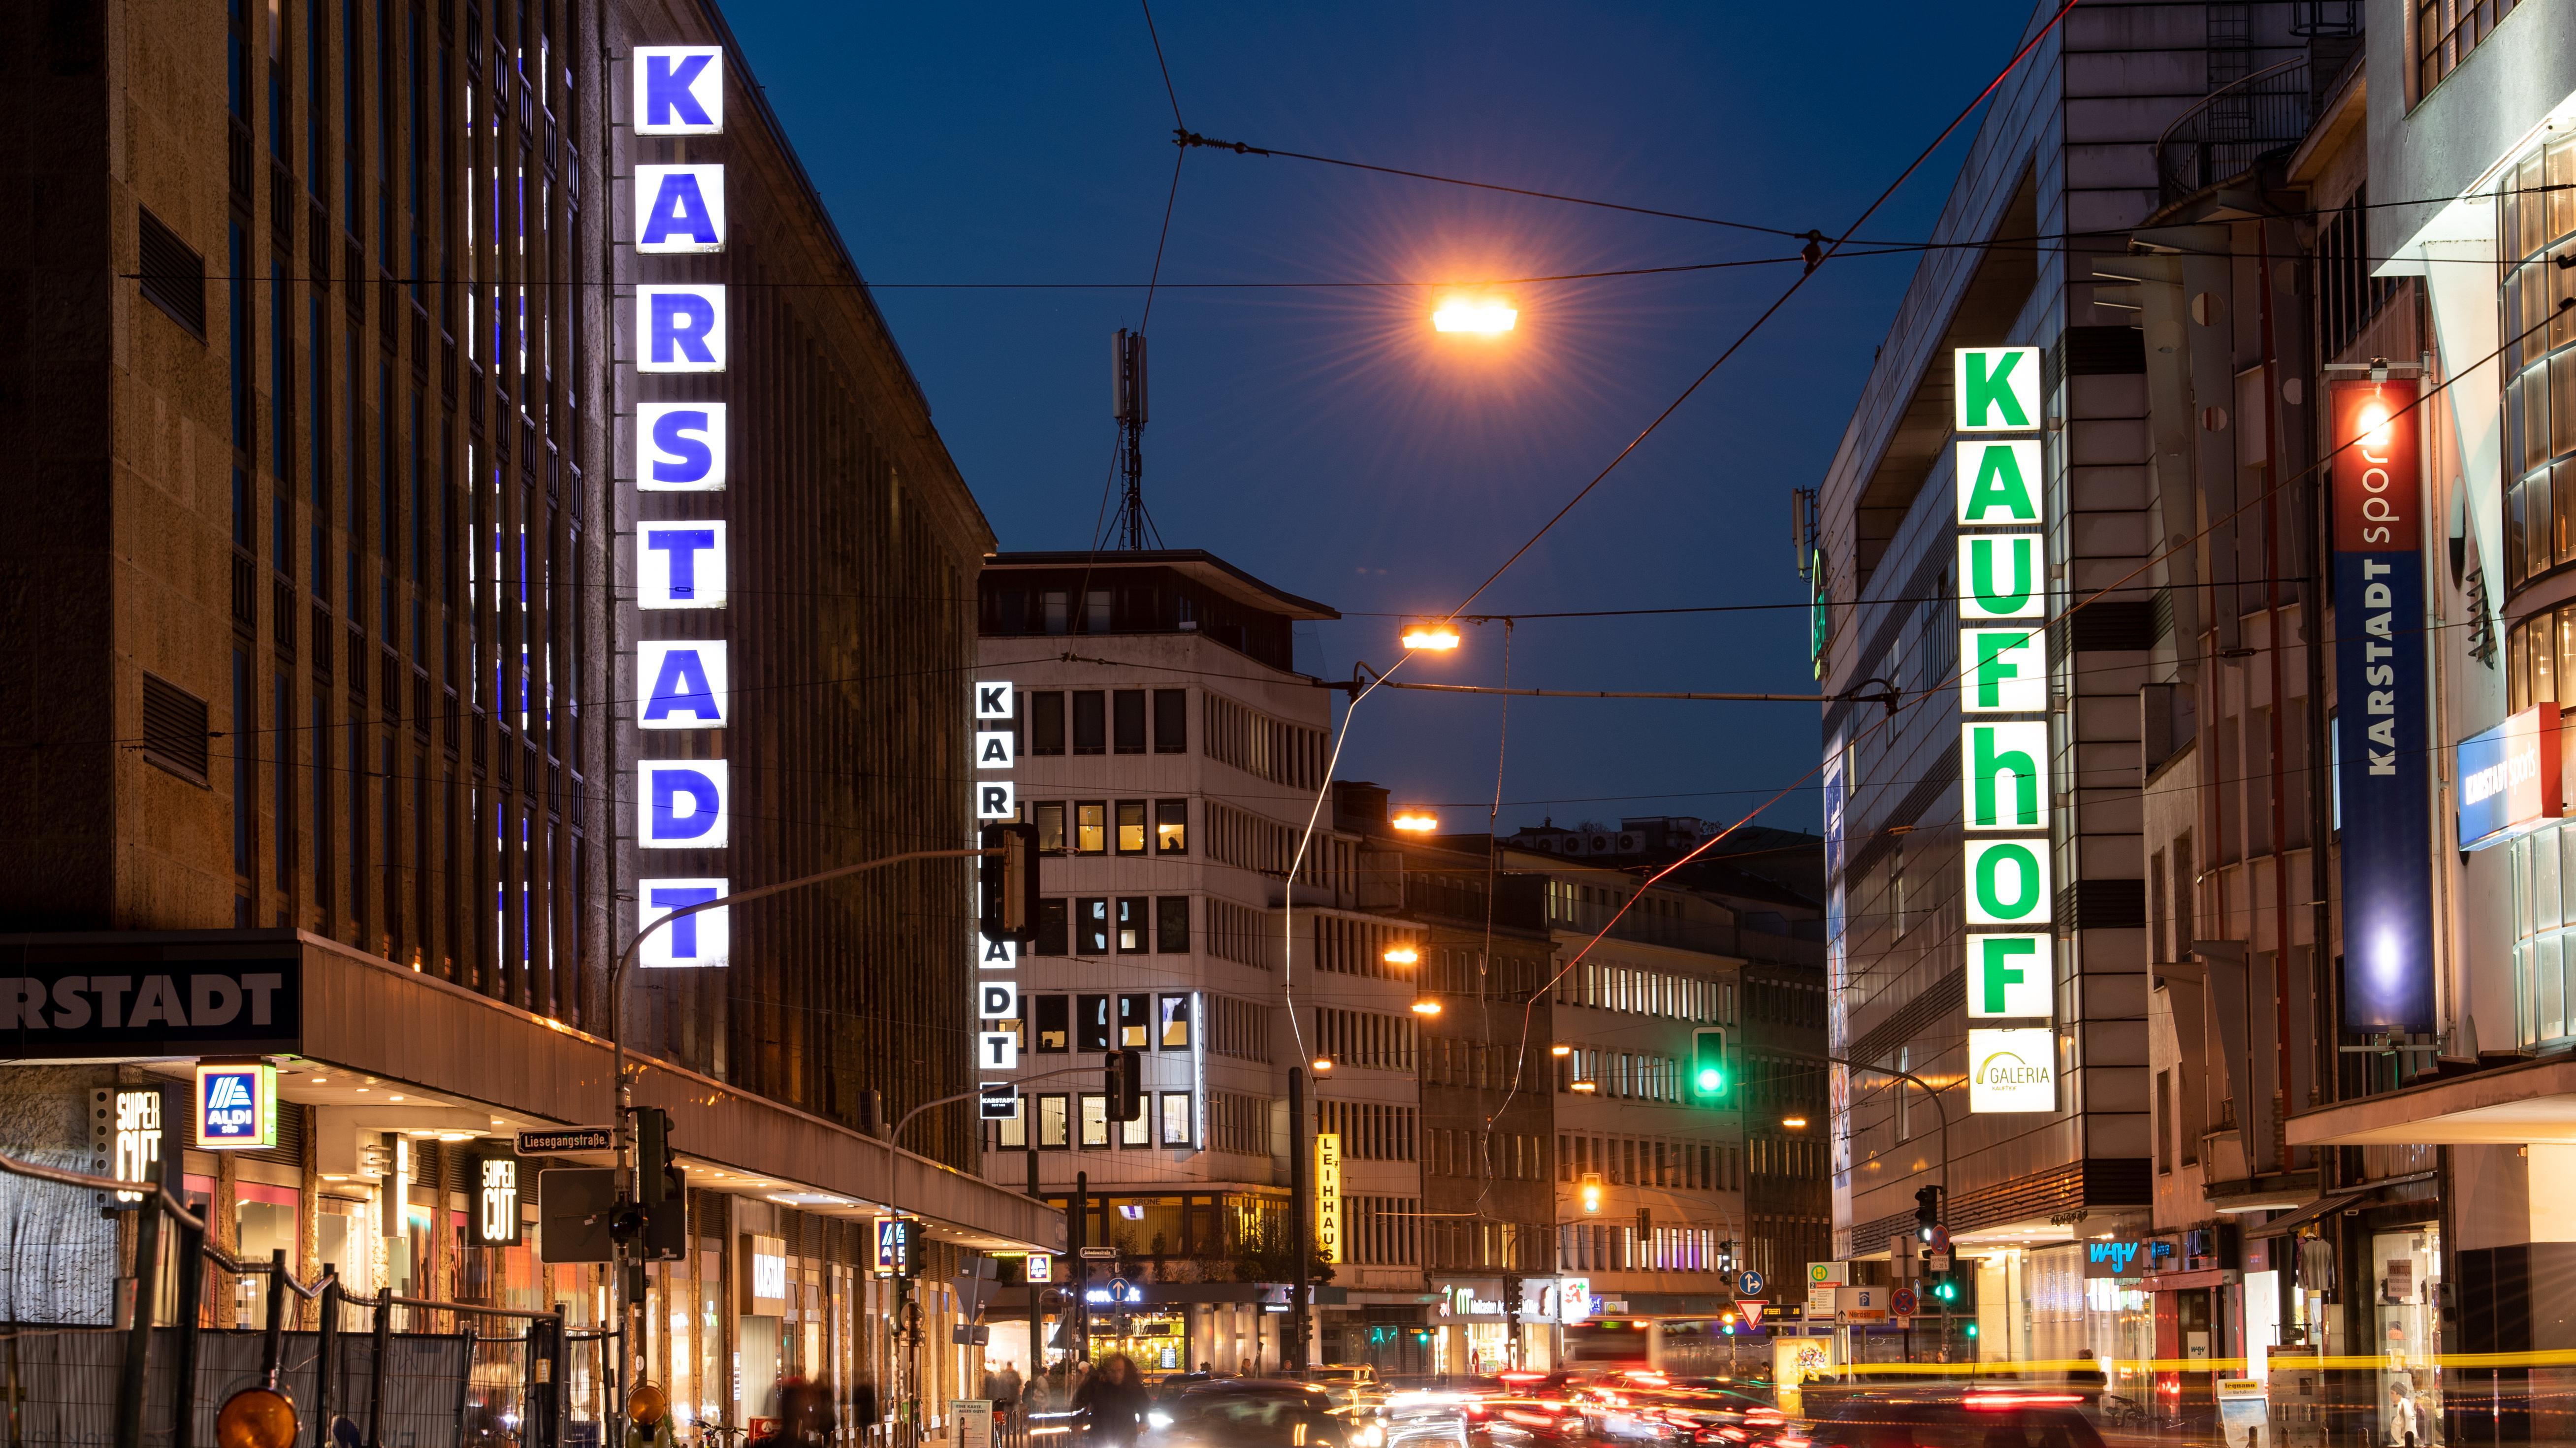 Filialen von Kaufhof und Karstadt nebeneinander